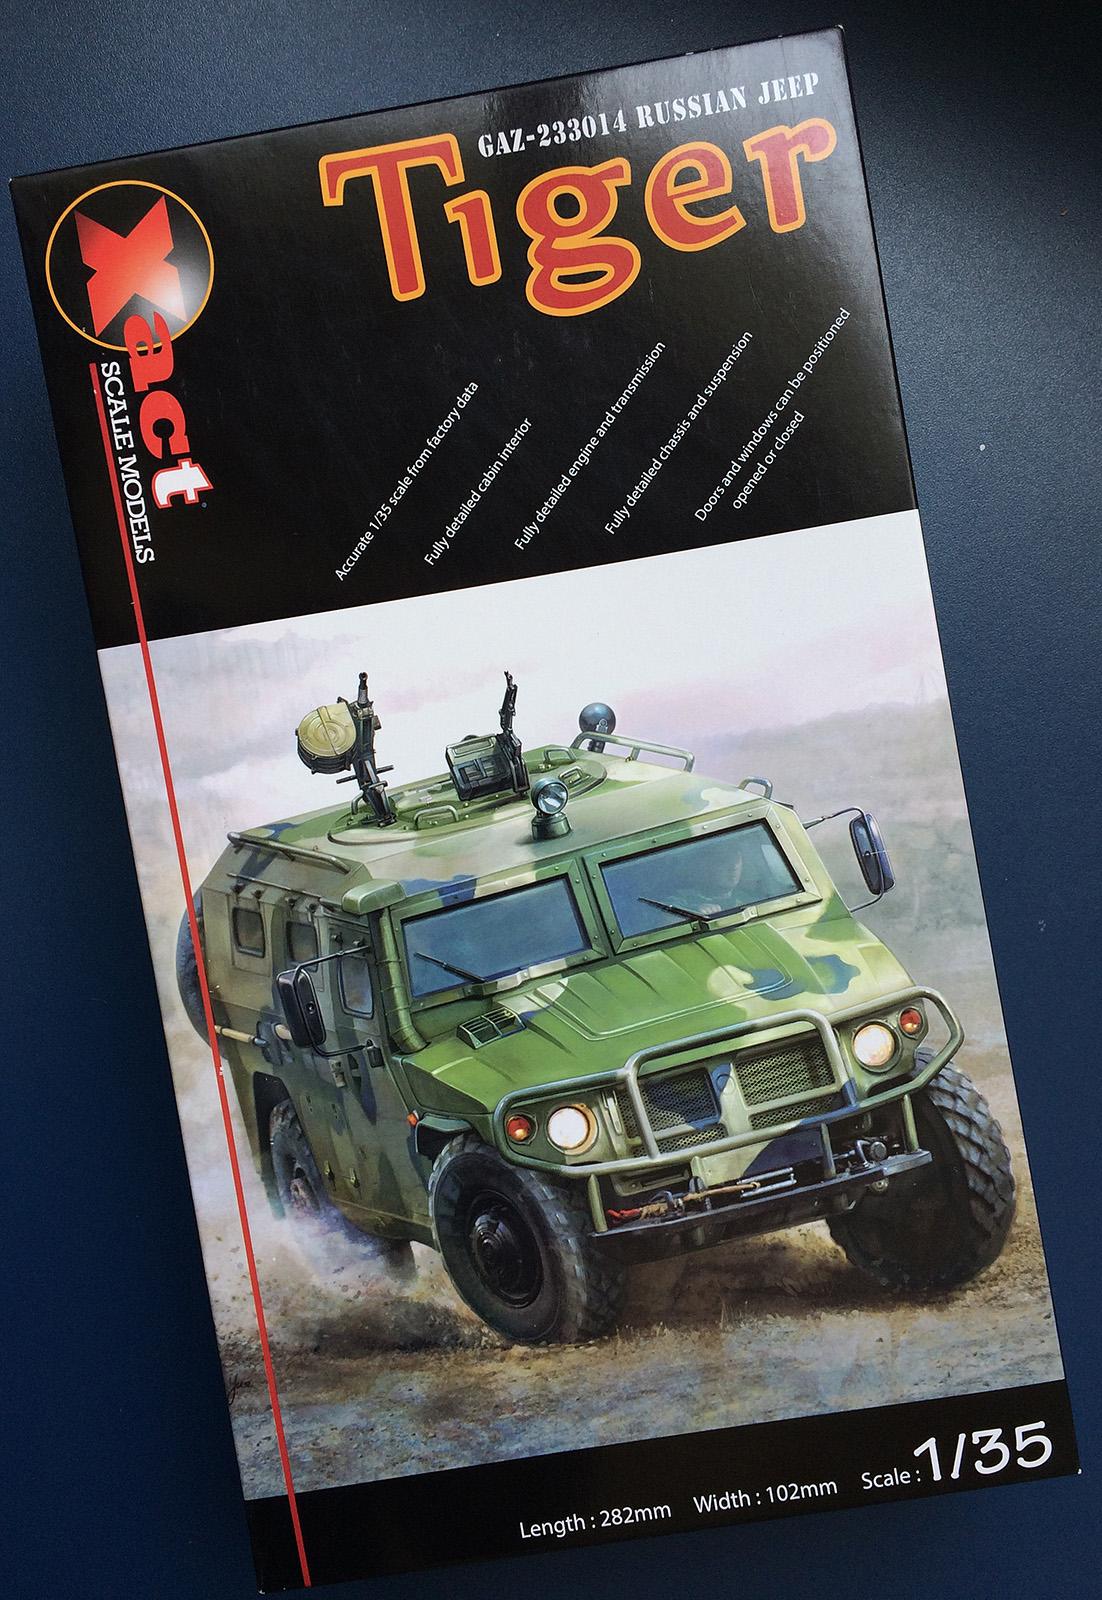 Tiger, o veículo utilitário russo.